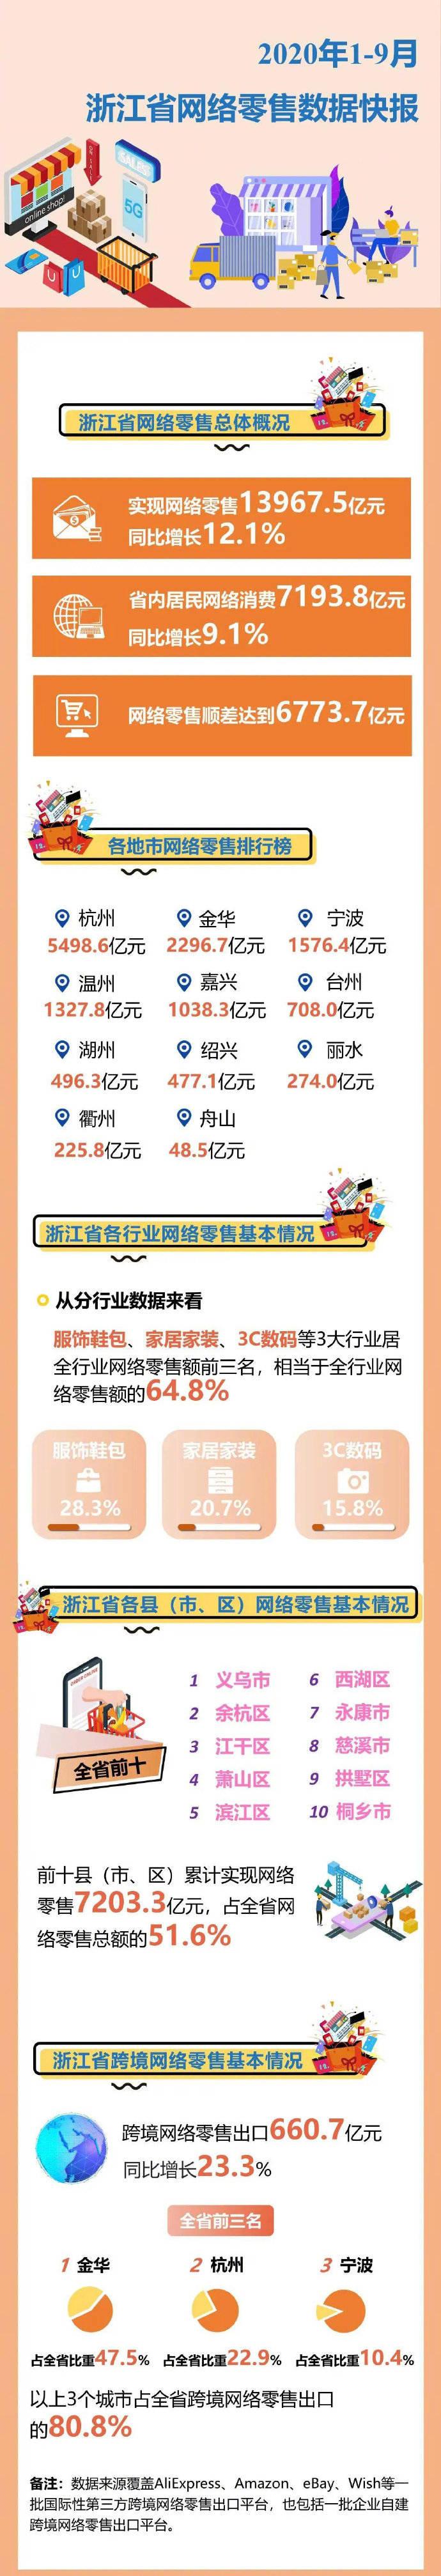 1-9月,浙江实现网络零售13967.5亿